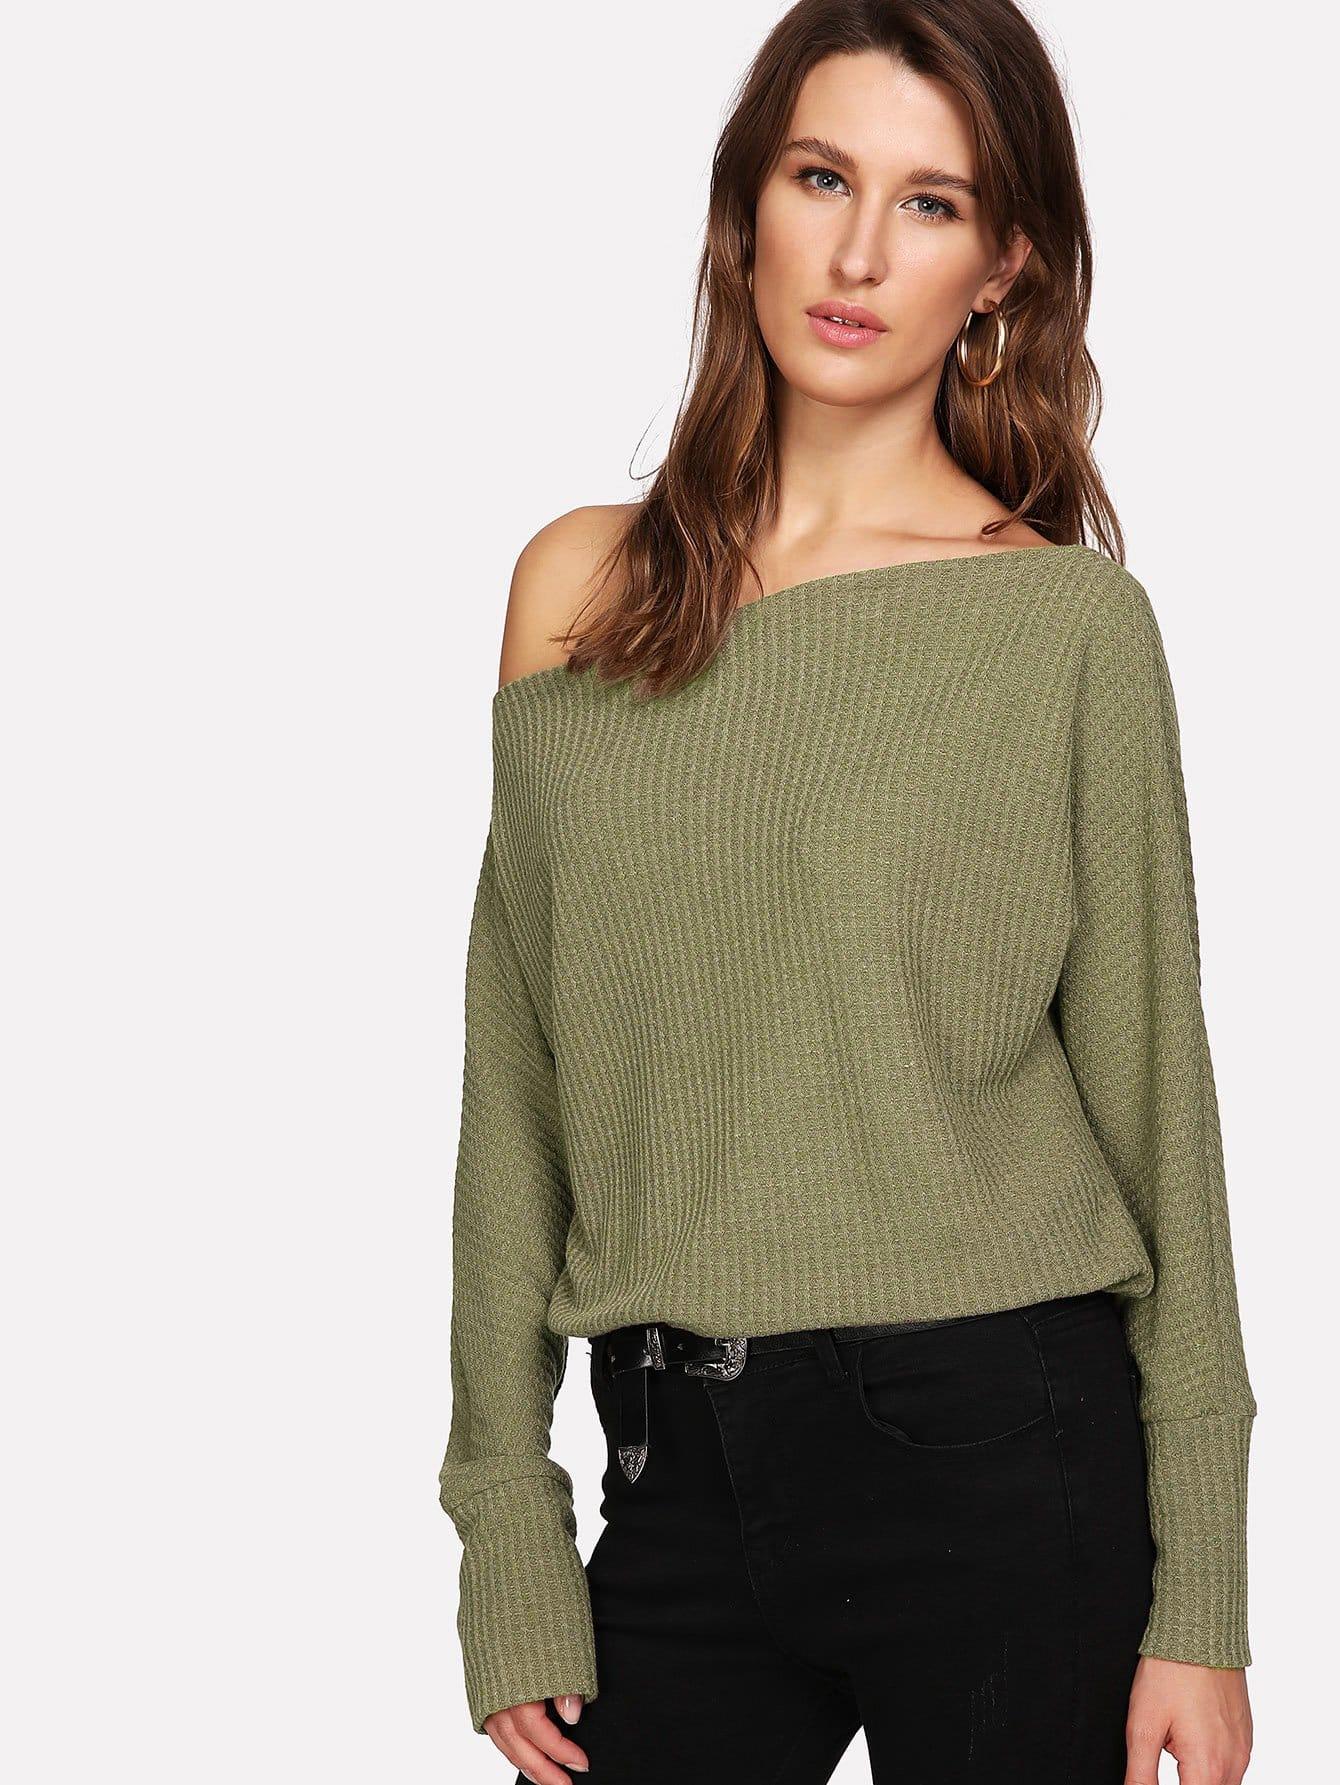 軍綠色休閒簡約針織衫 | SHEIN臺灣